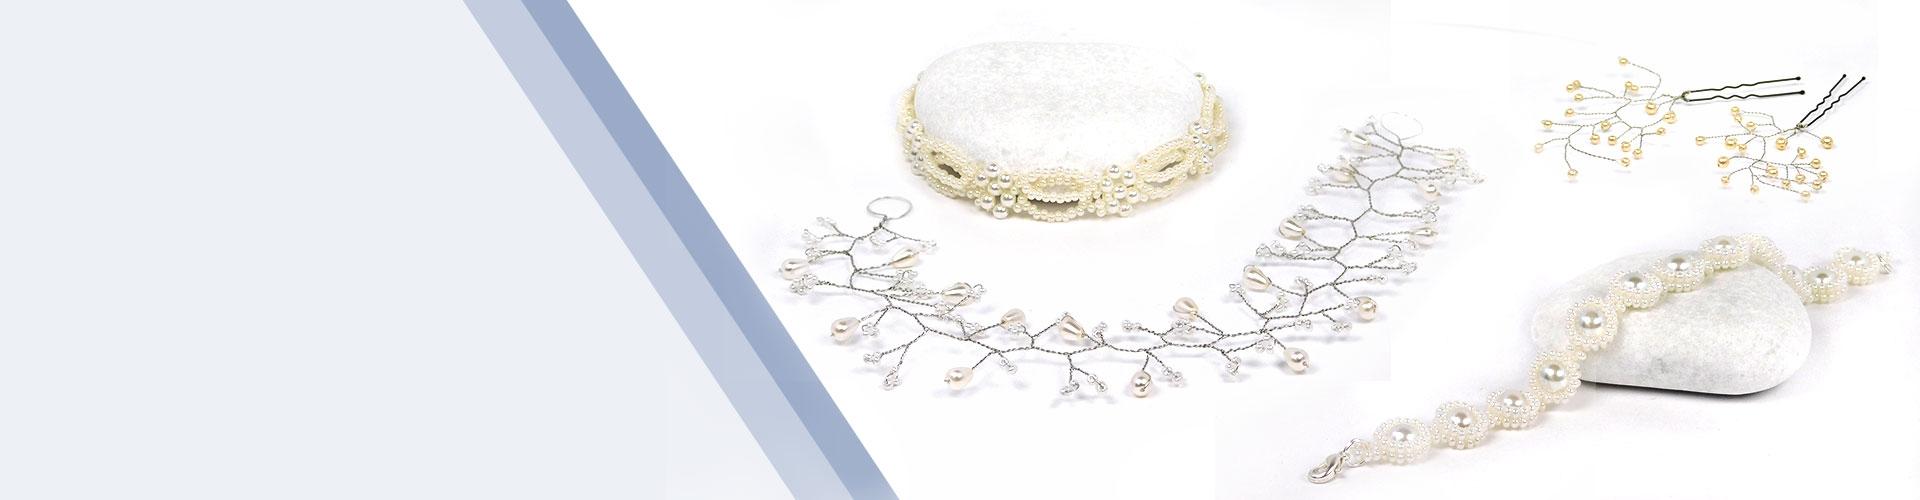 Svatební šperky a ozdoby